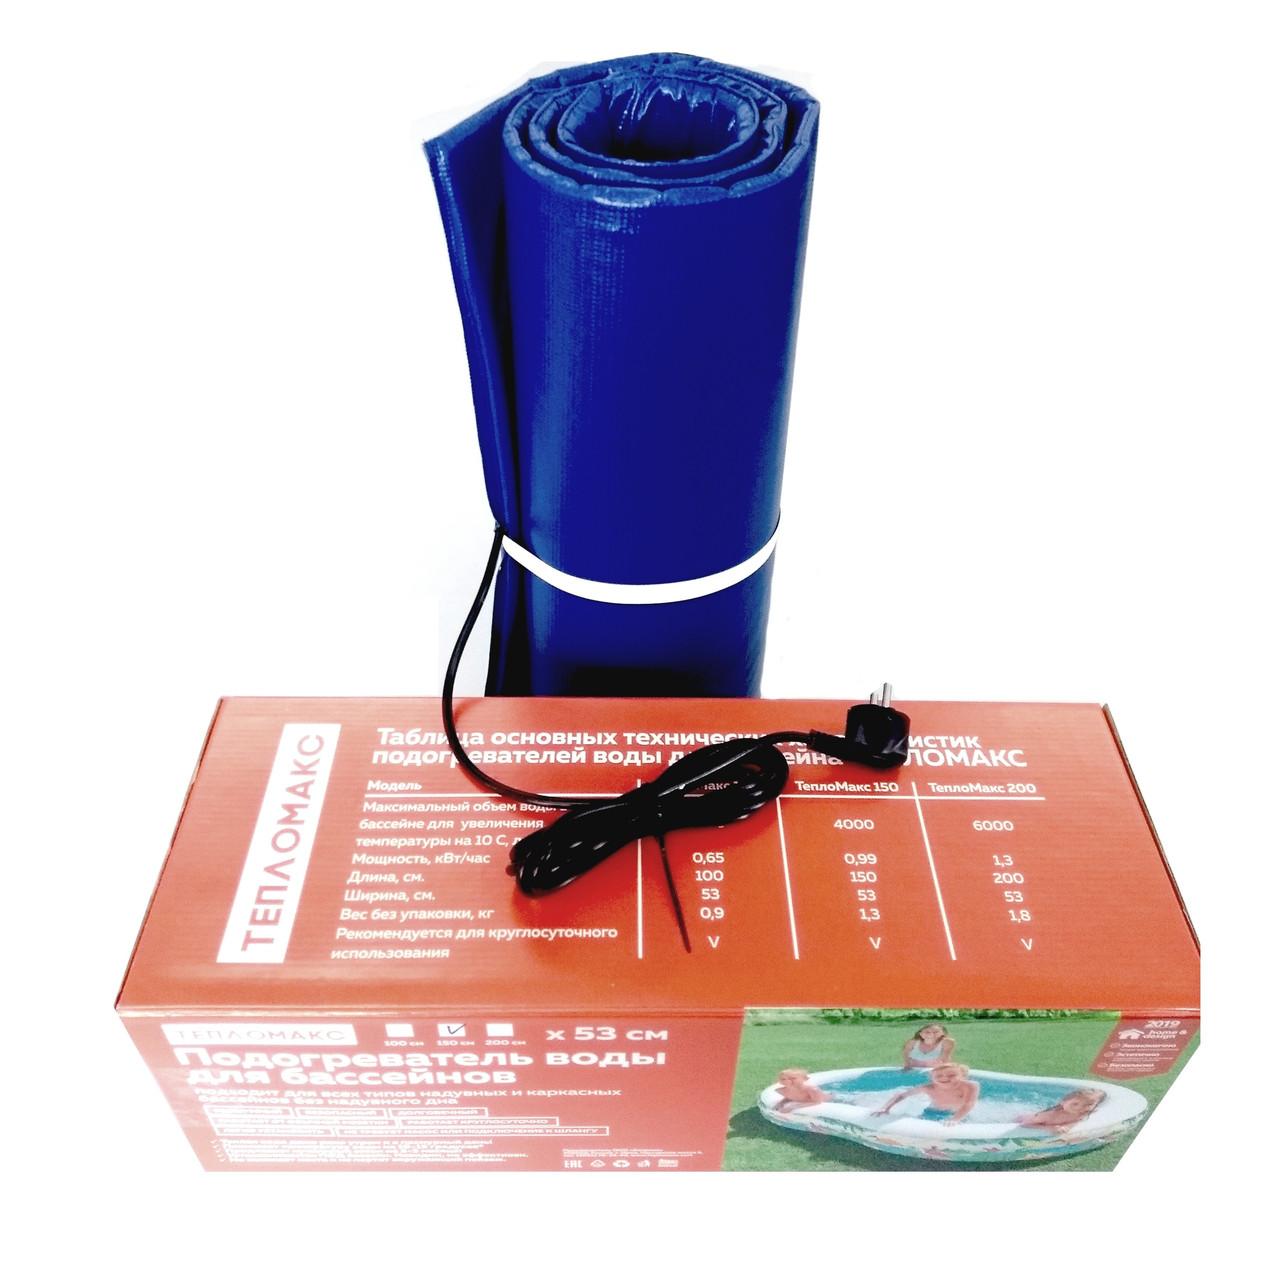 Электронагреватель для воды и бассейнов( надувных и каркасных)6000 л - фото 3